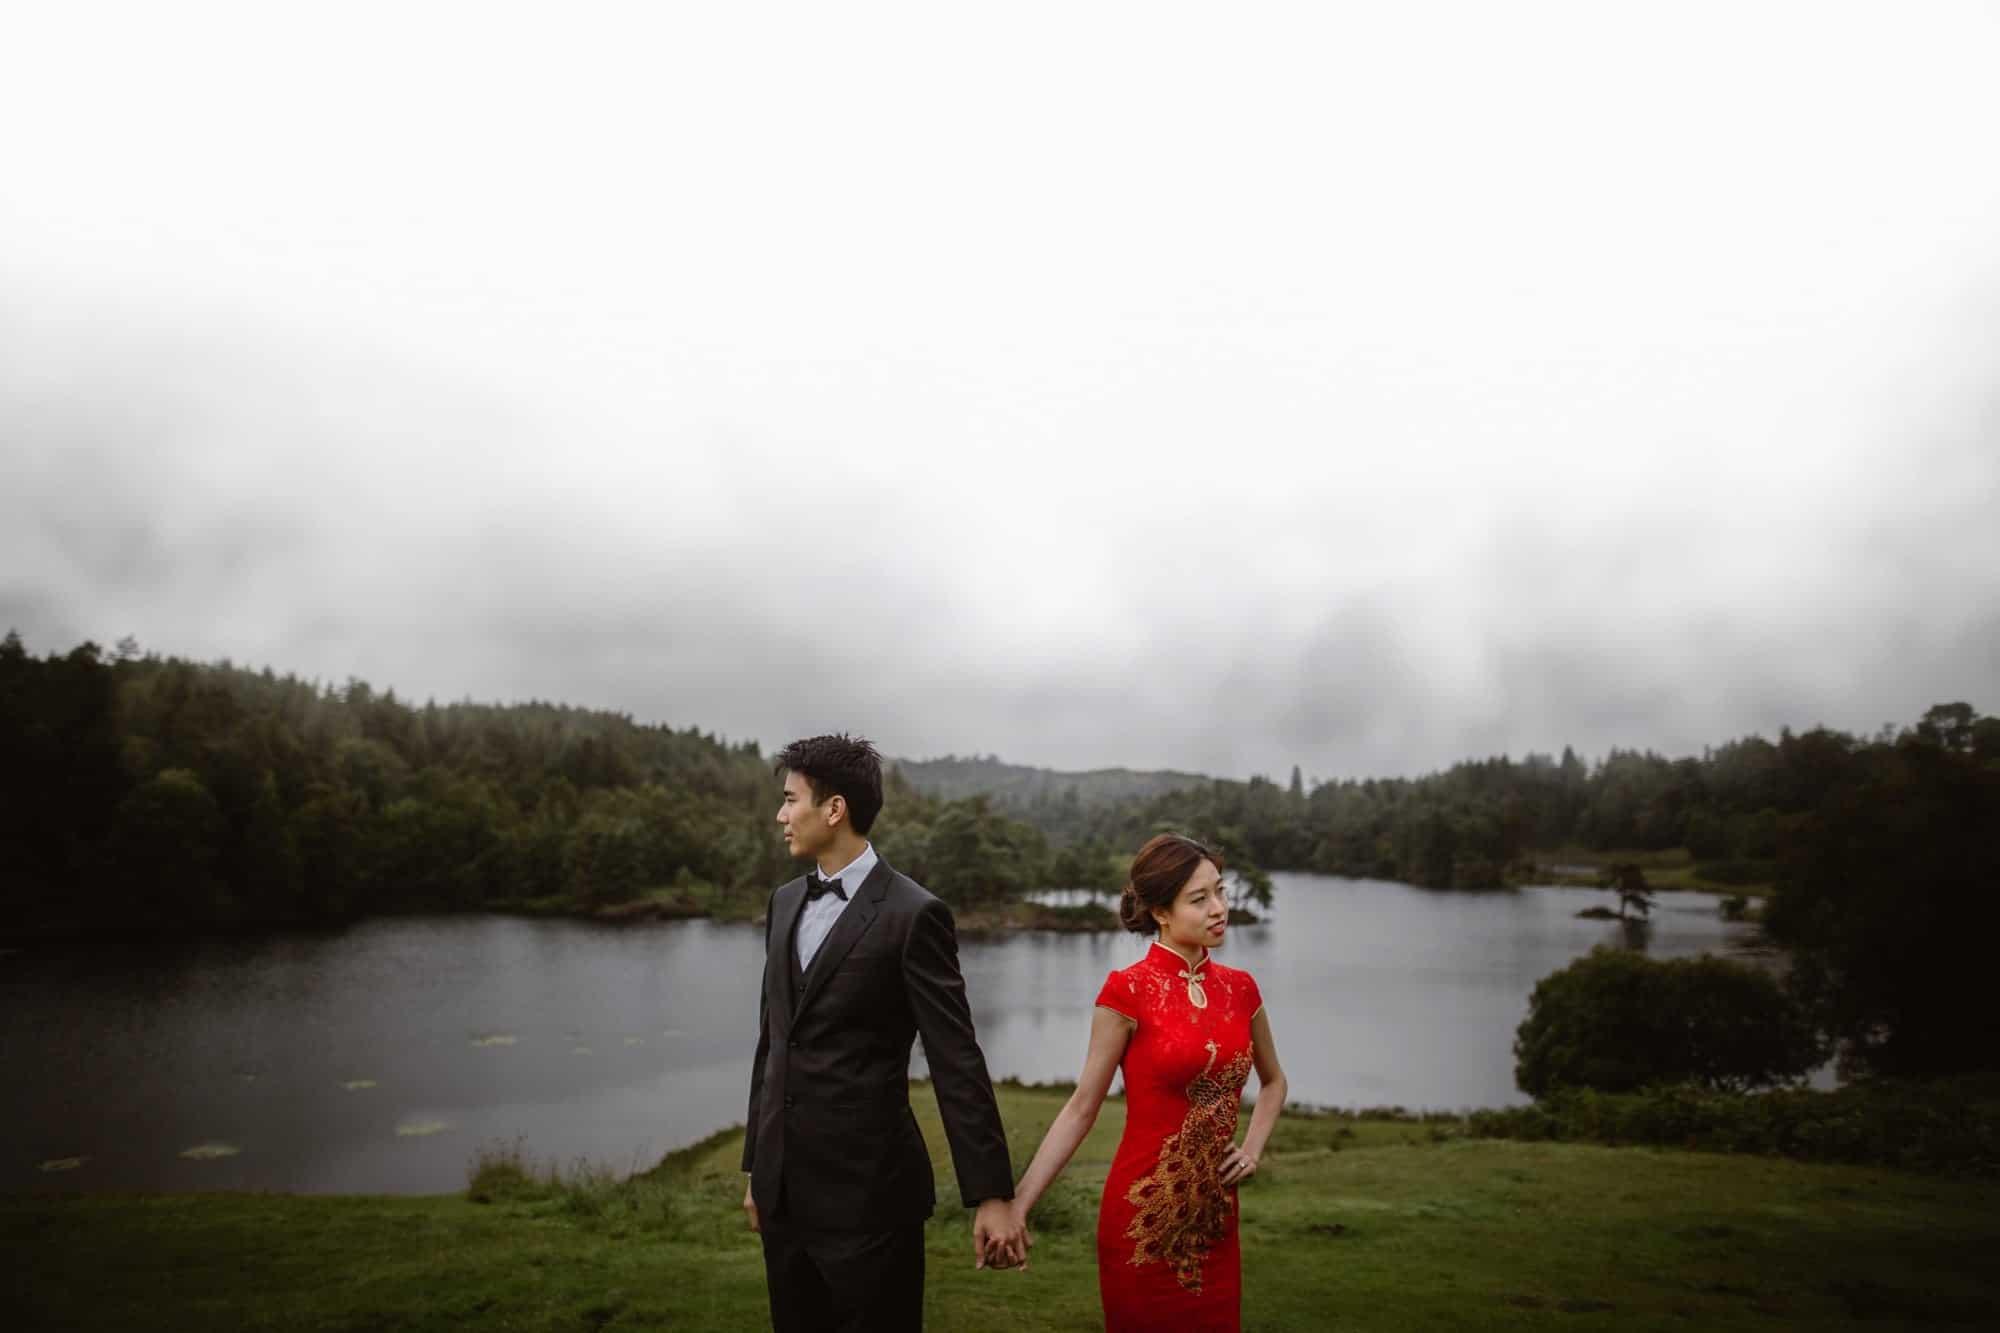 Hong Kong couple hold hands and look at the views at Tarn Hows